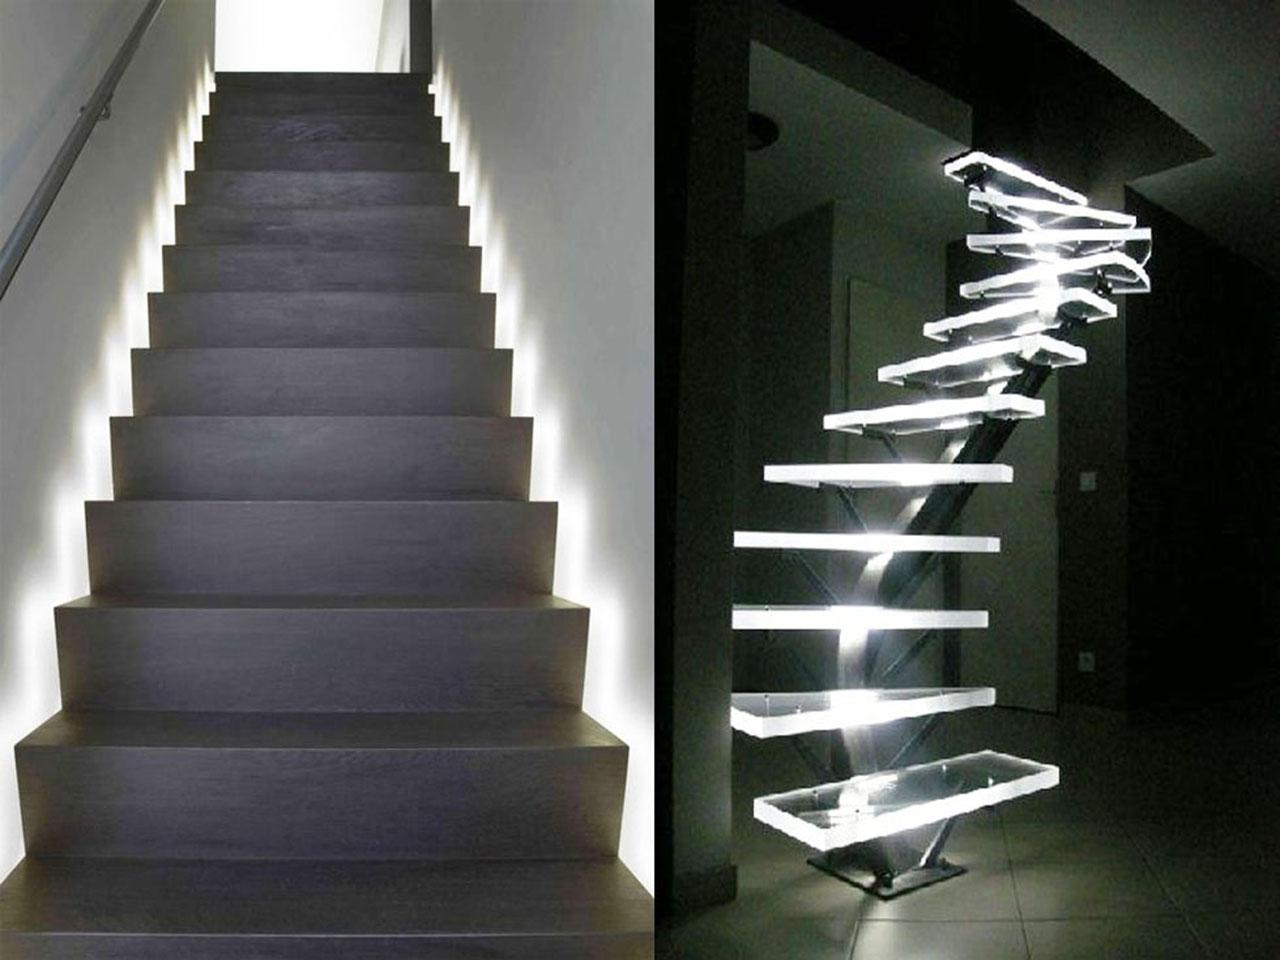 Descubre la decoraci n con luces led y todas sus ventajas - Iluminacion led escaleras ...